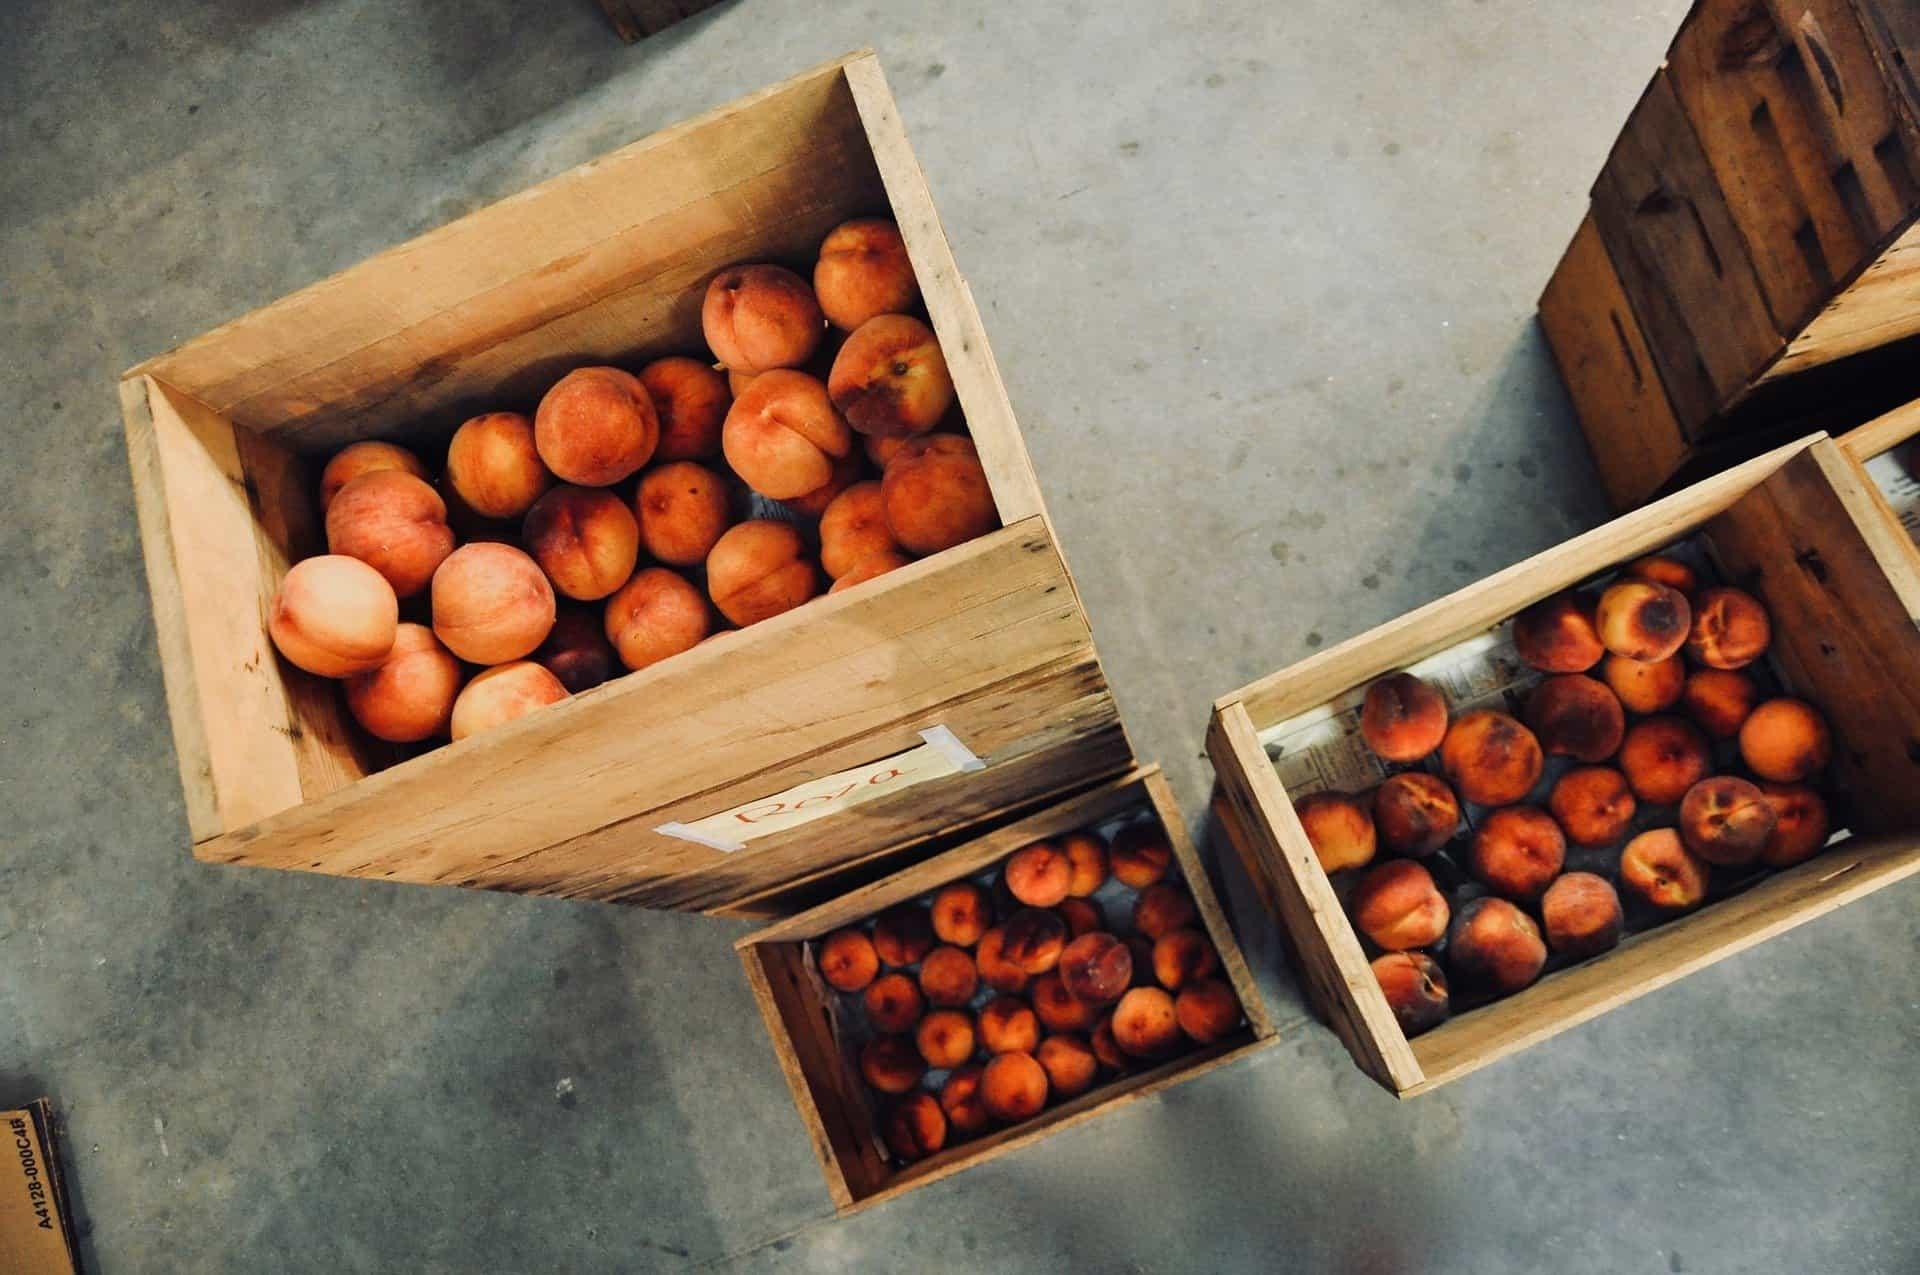 Brzoskwinie w skrzynkach